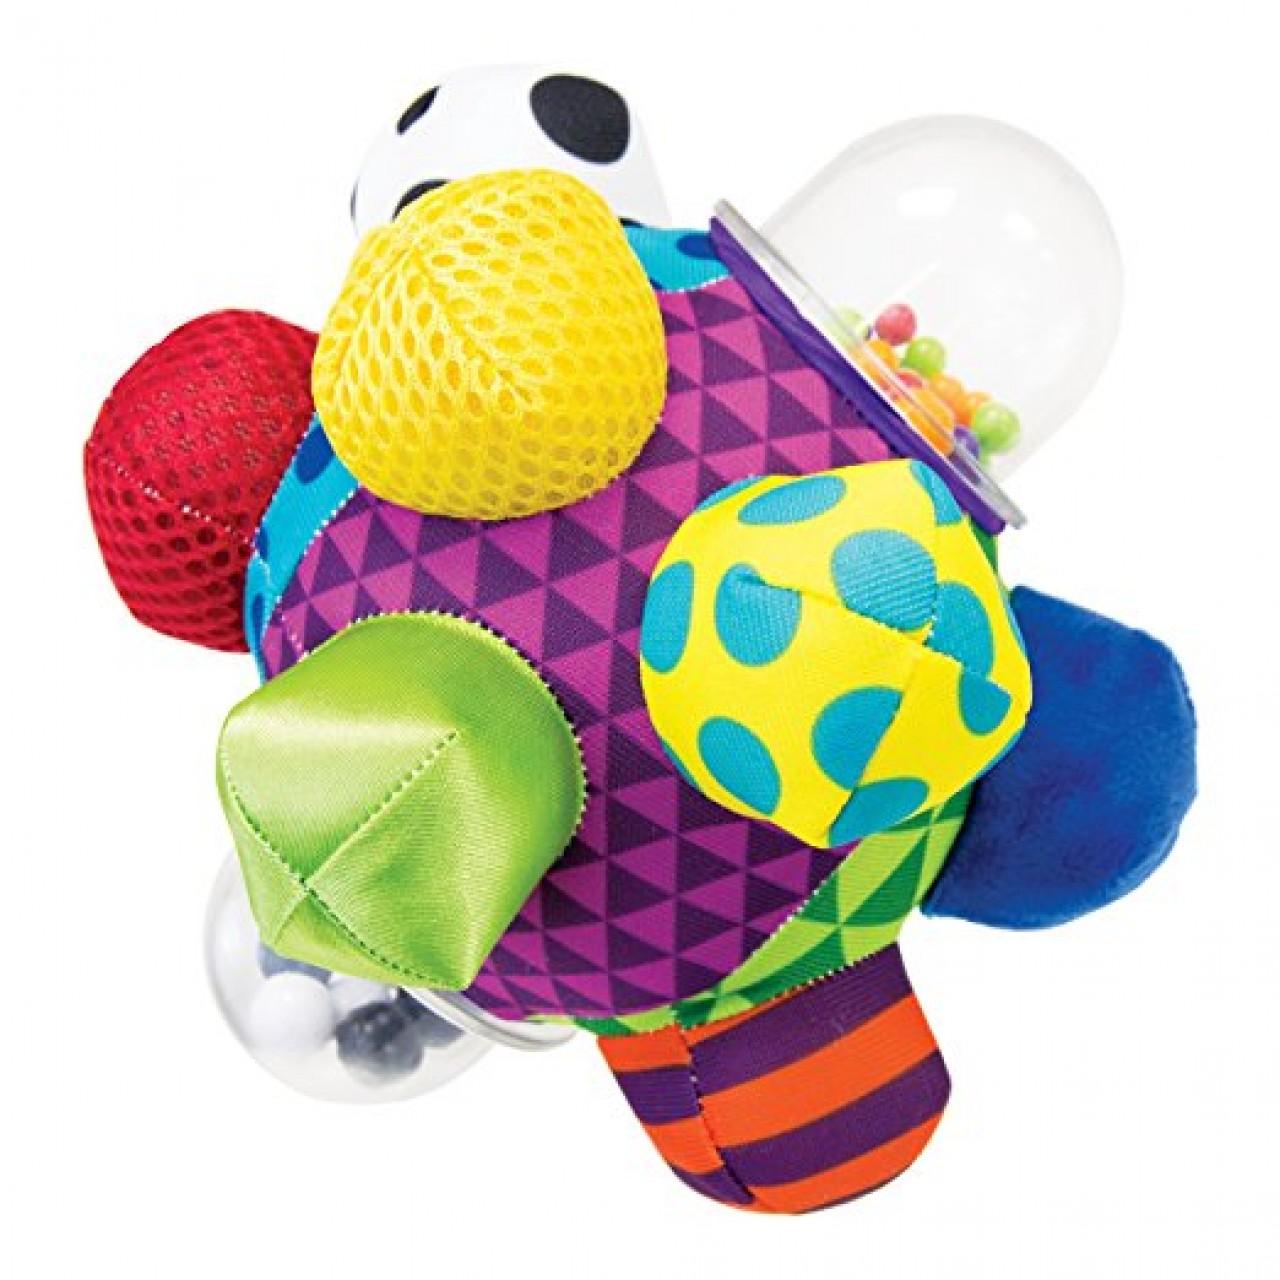 Развивающая игрушка для малышей Sassy  - Мячик